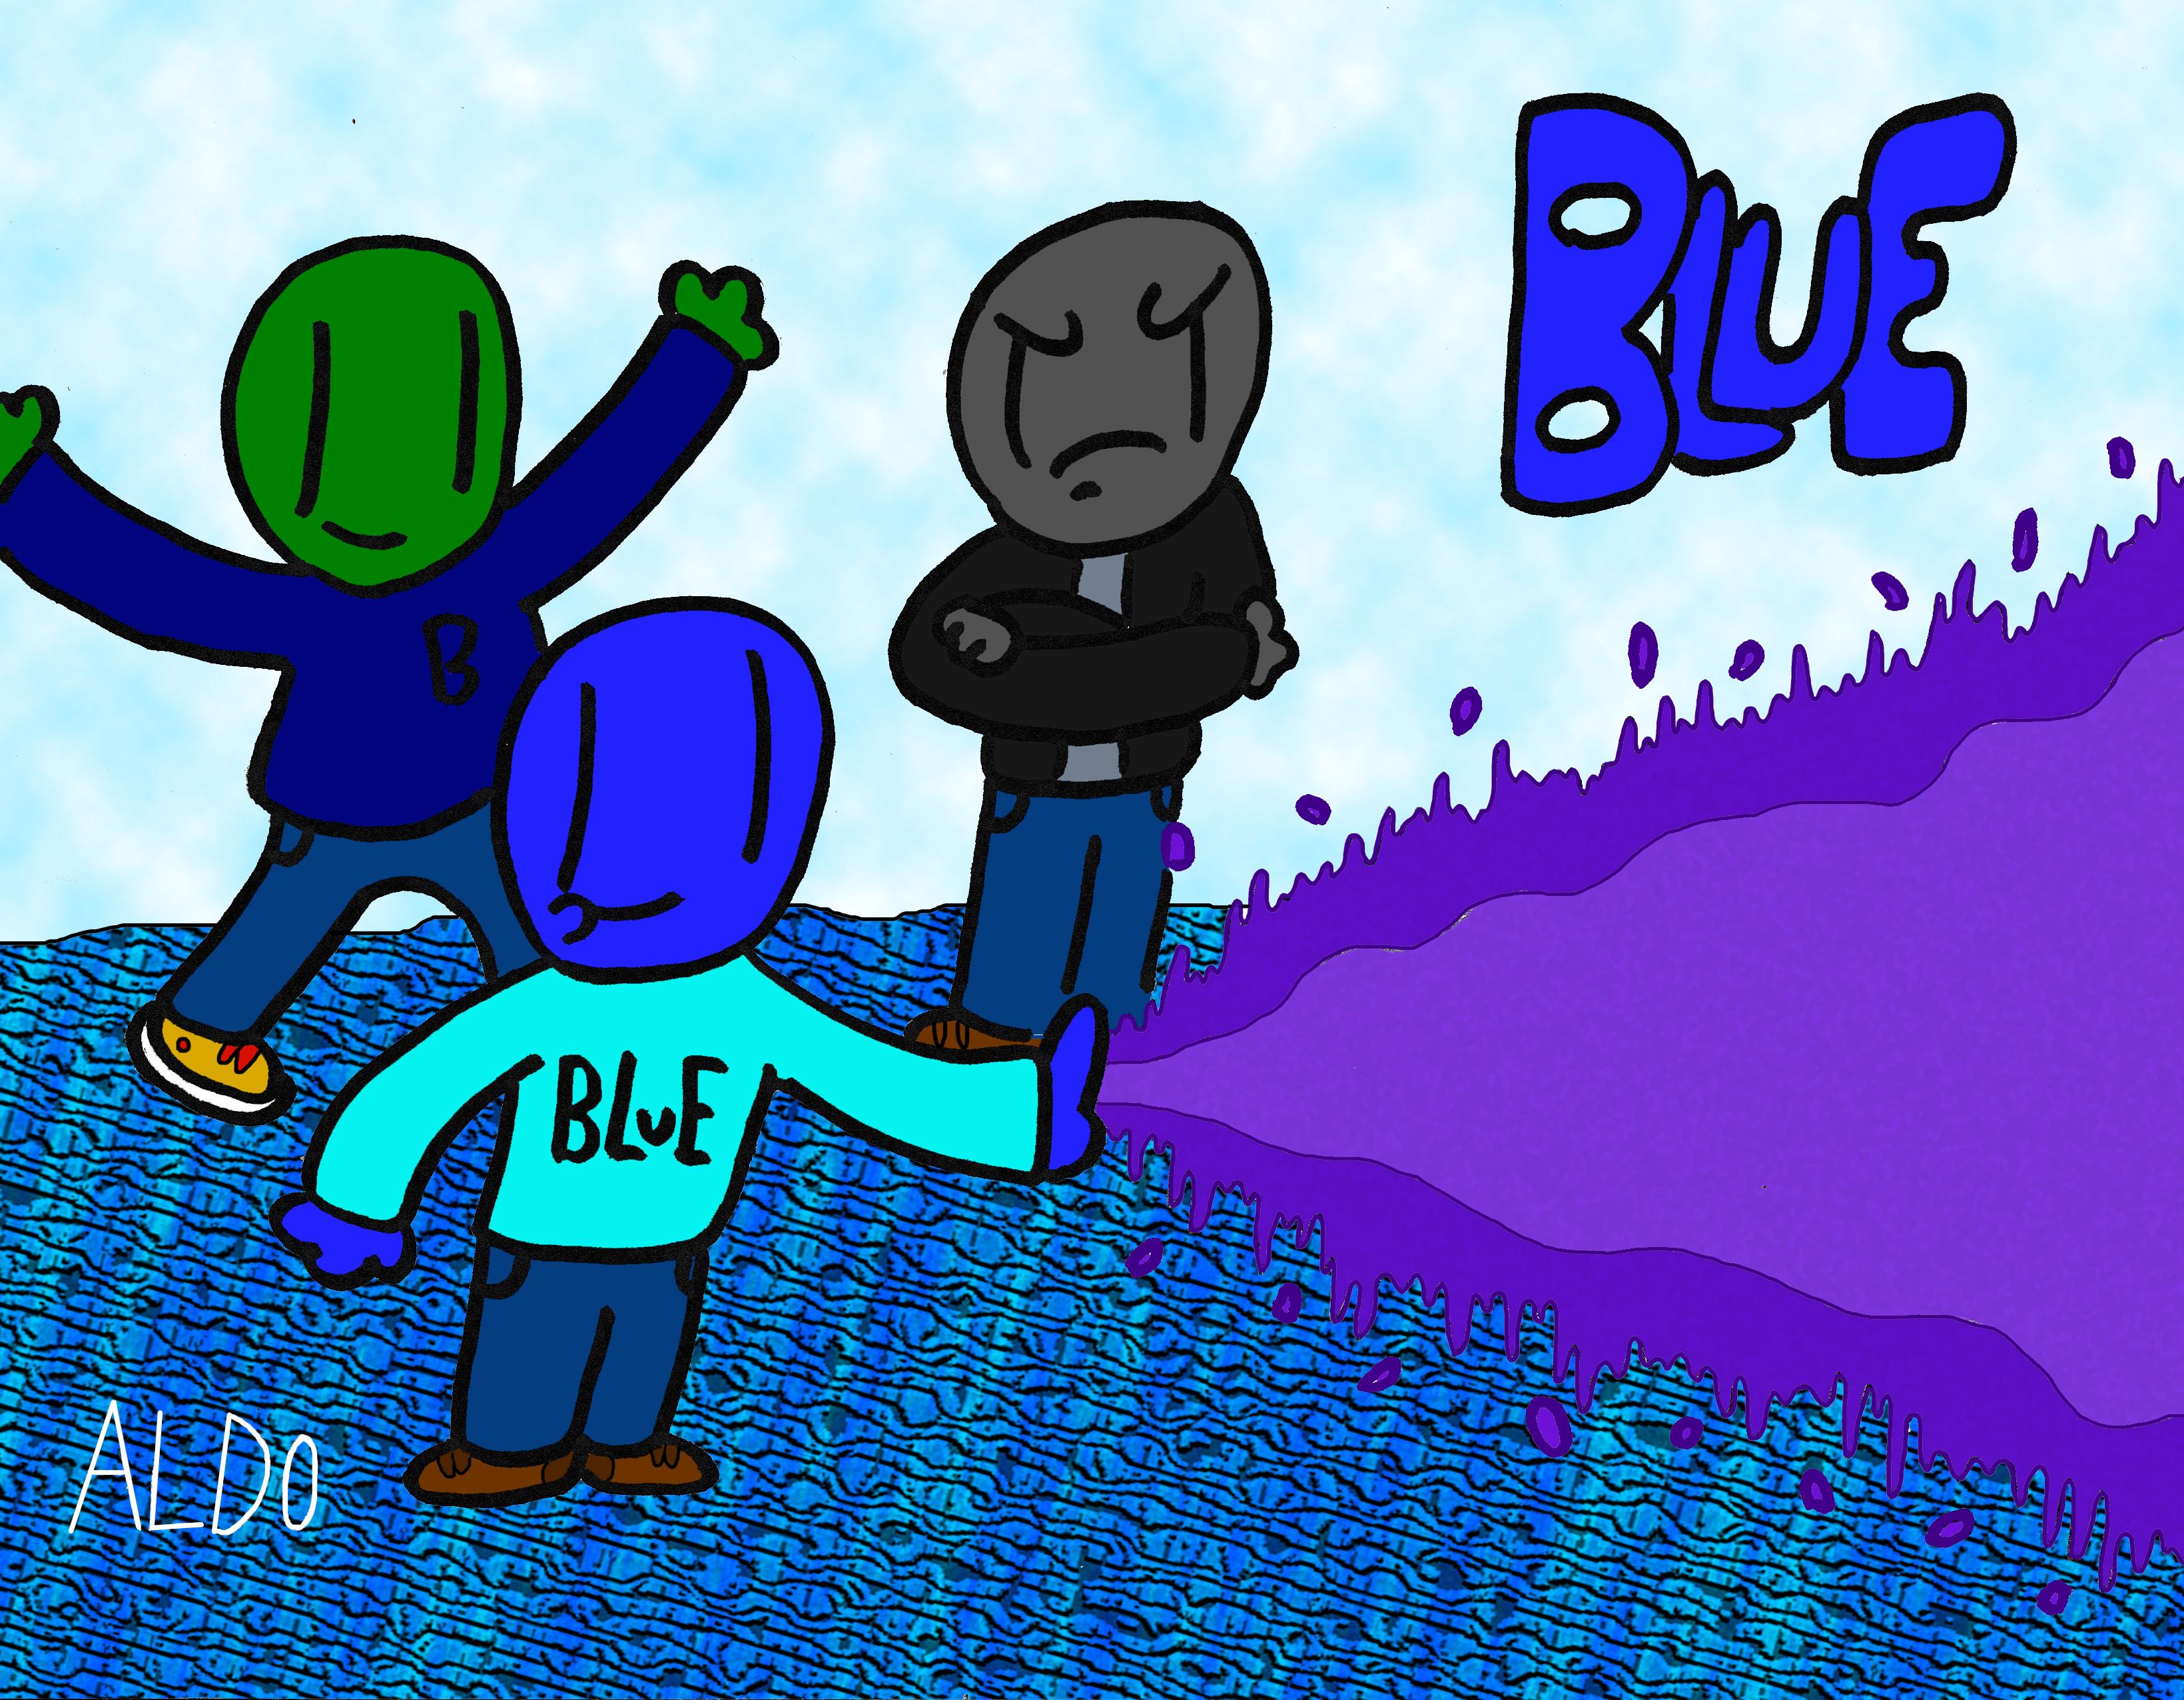 Blue-Aldo